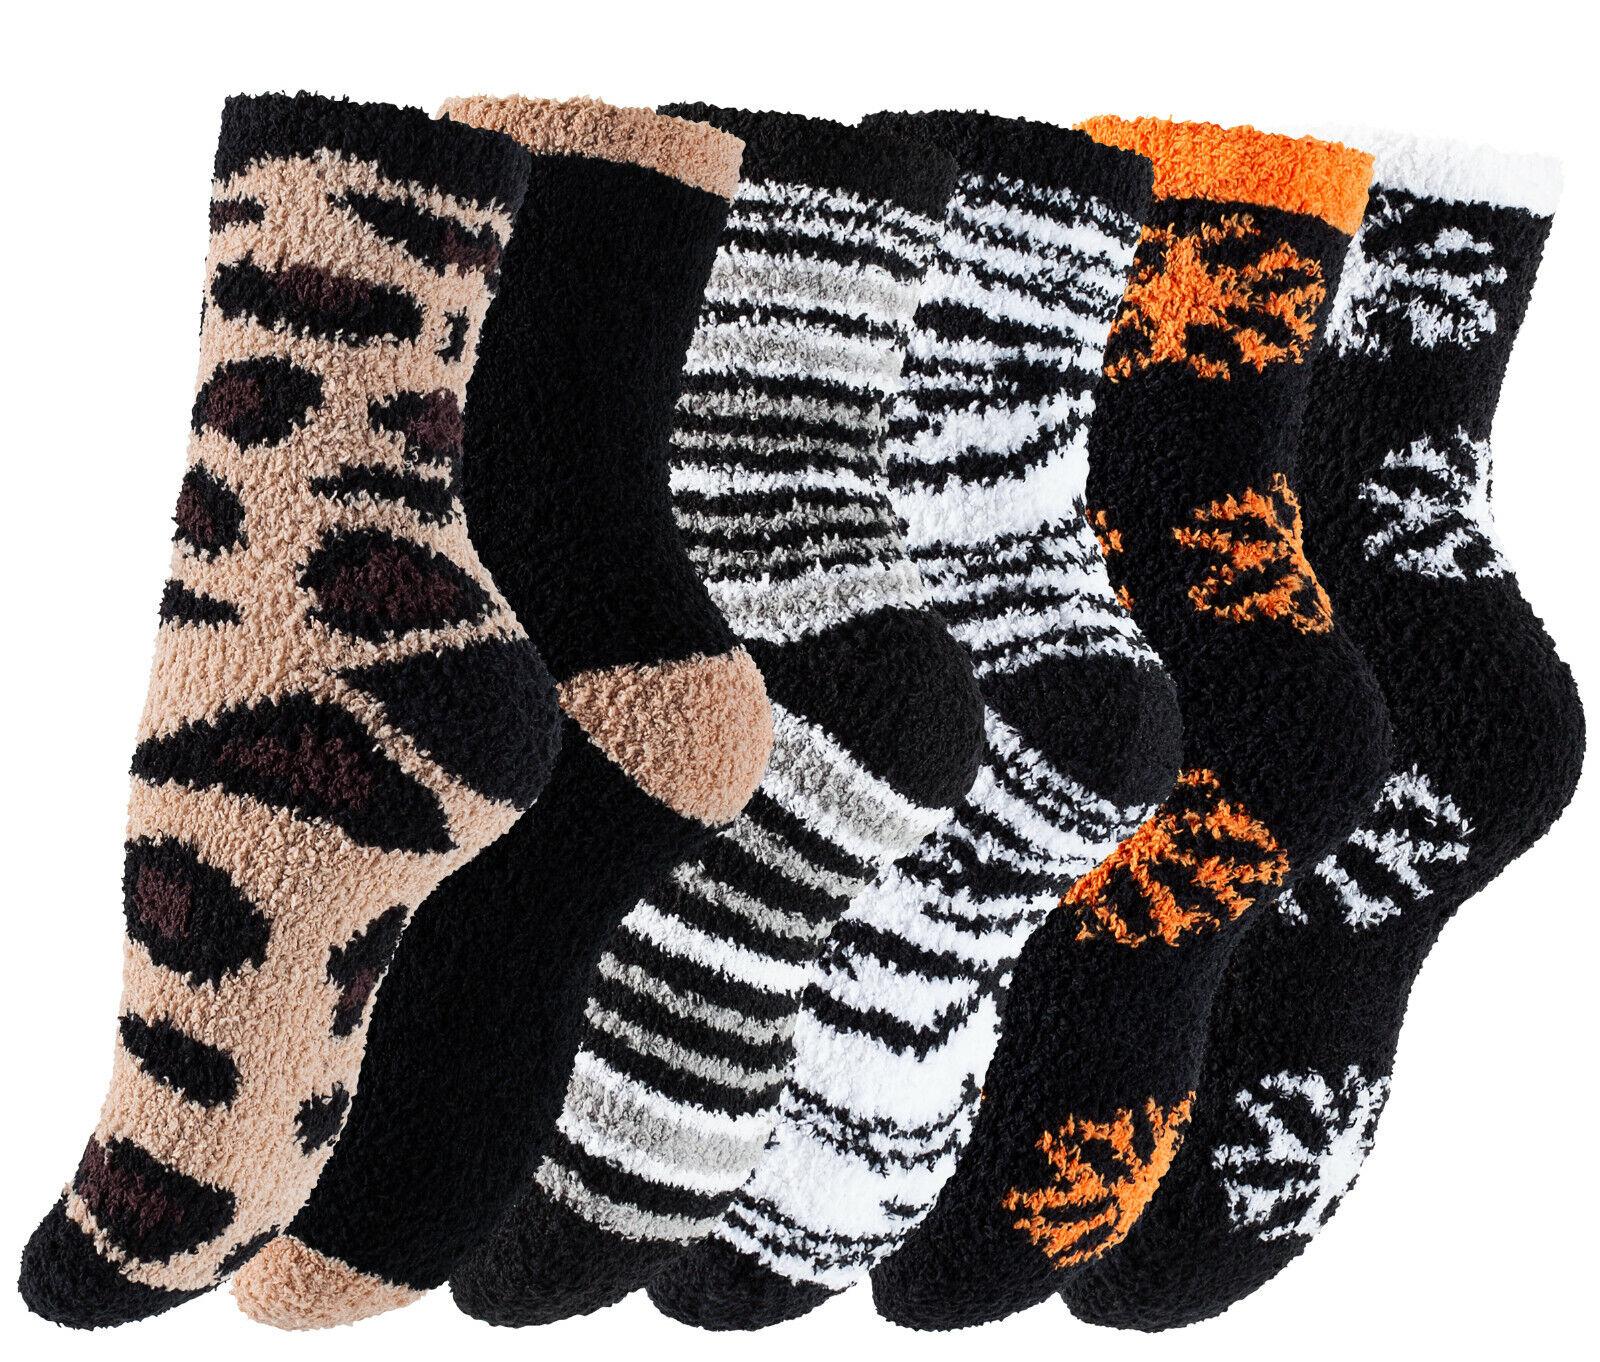 4 oder 8 Paar Kuschelsocken Bettsocken Flauschsocken Wintersocken Damen Socken